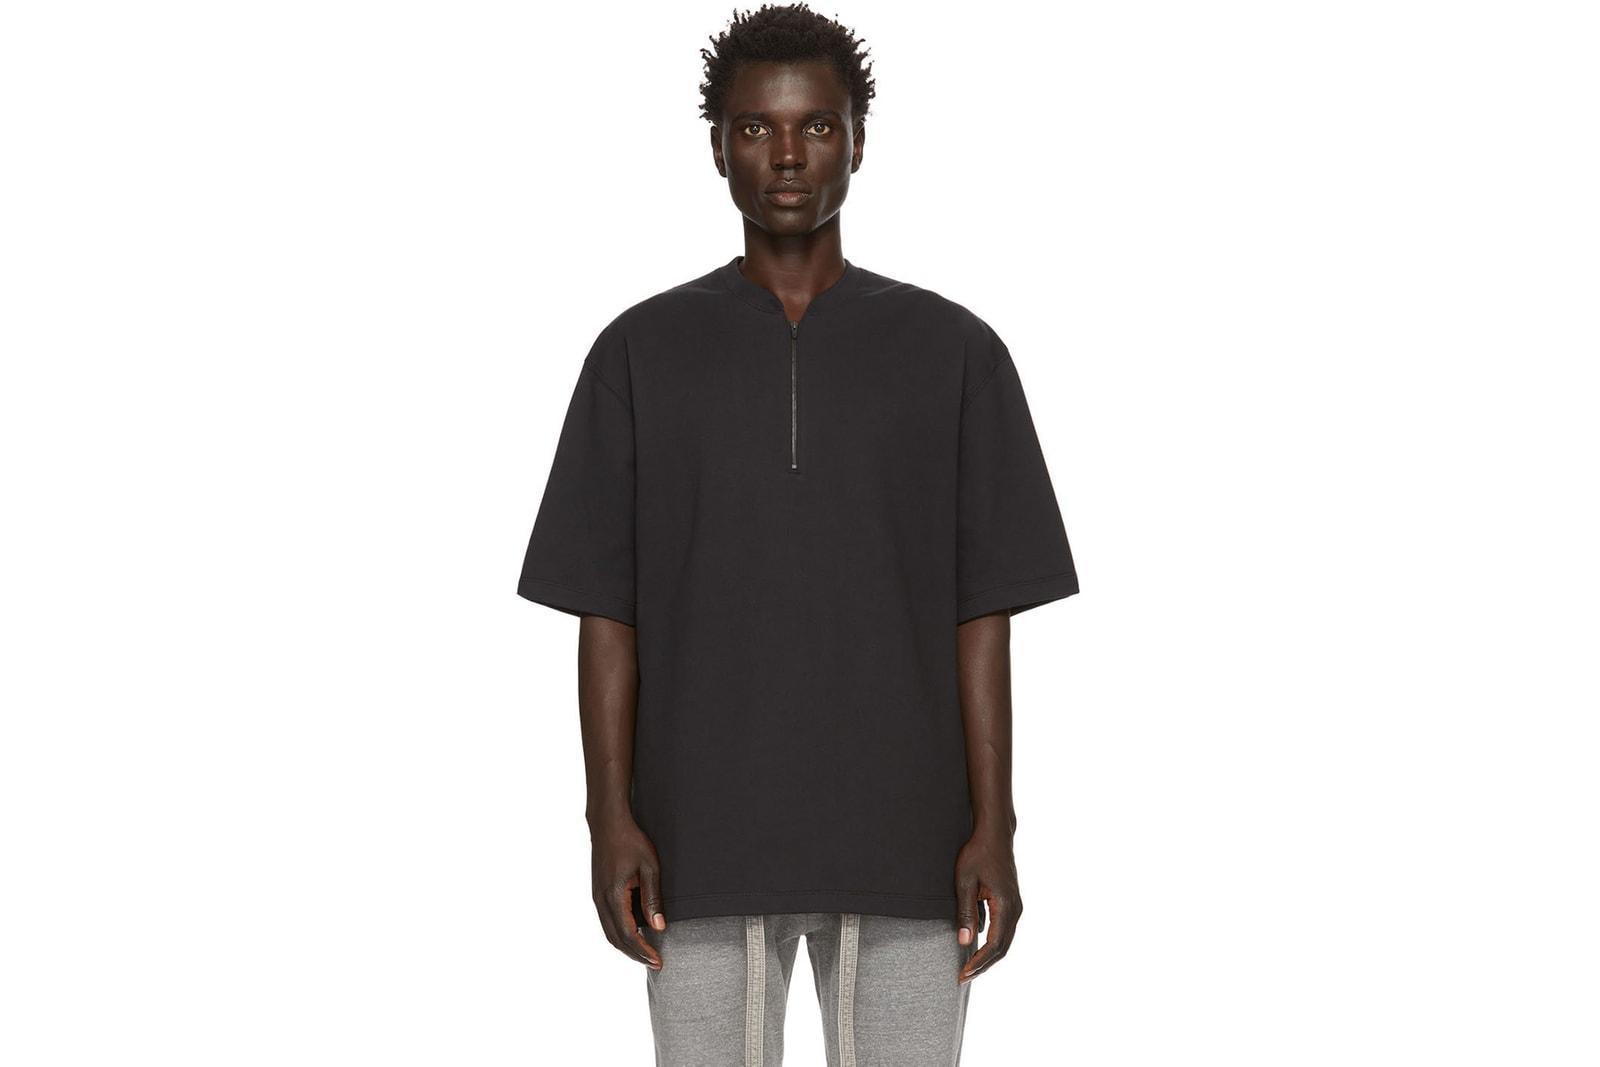 本日嚴選 8 件黑色 T 恤入手推介